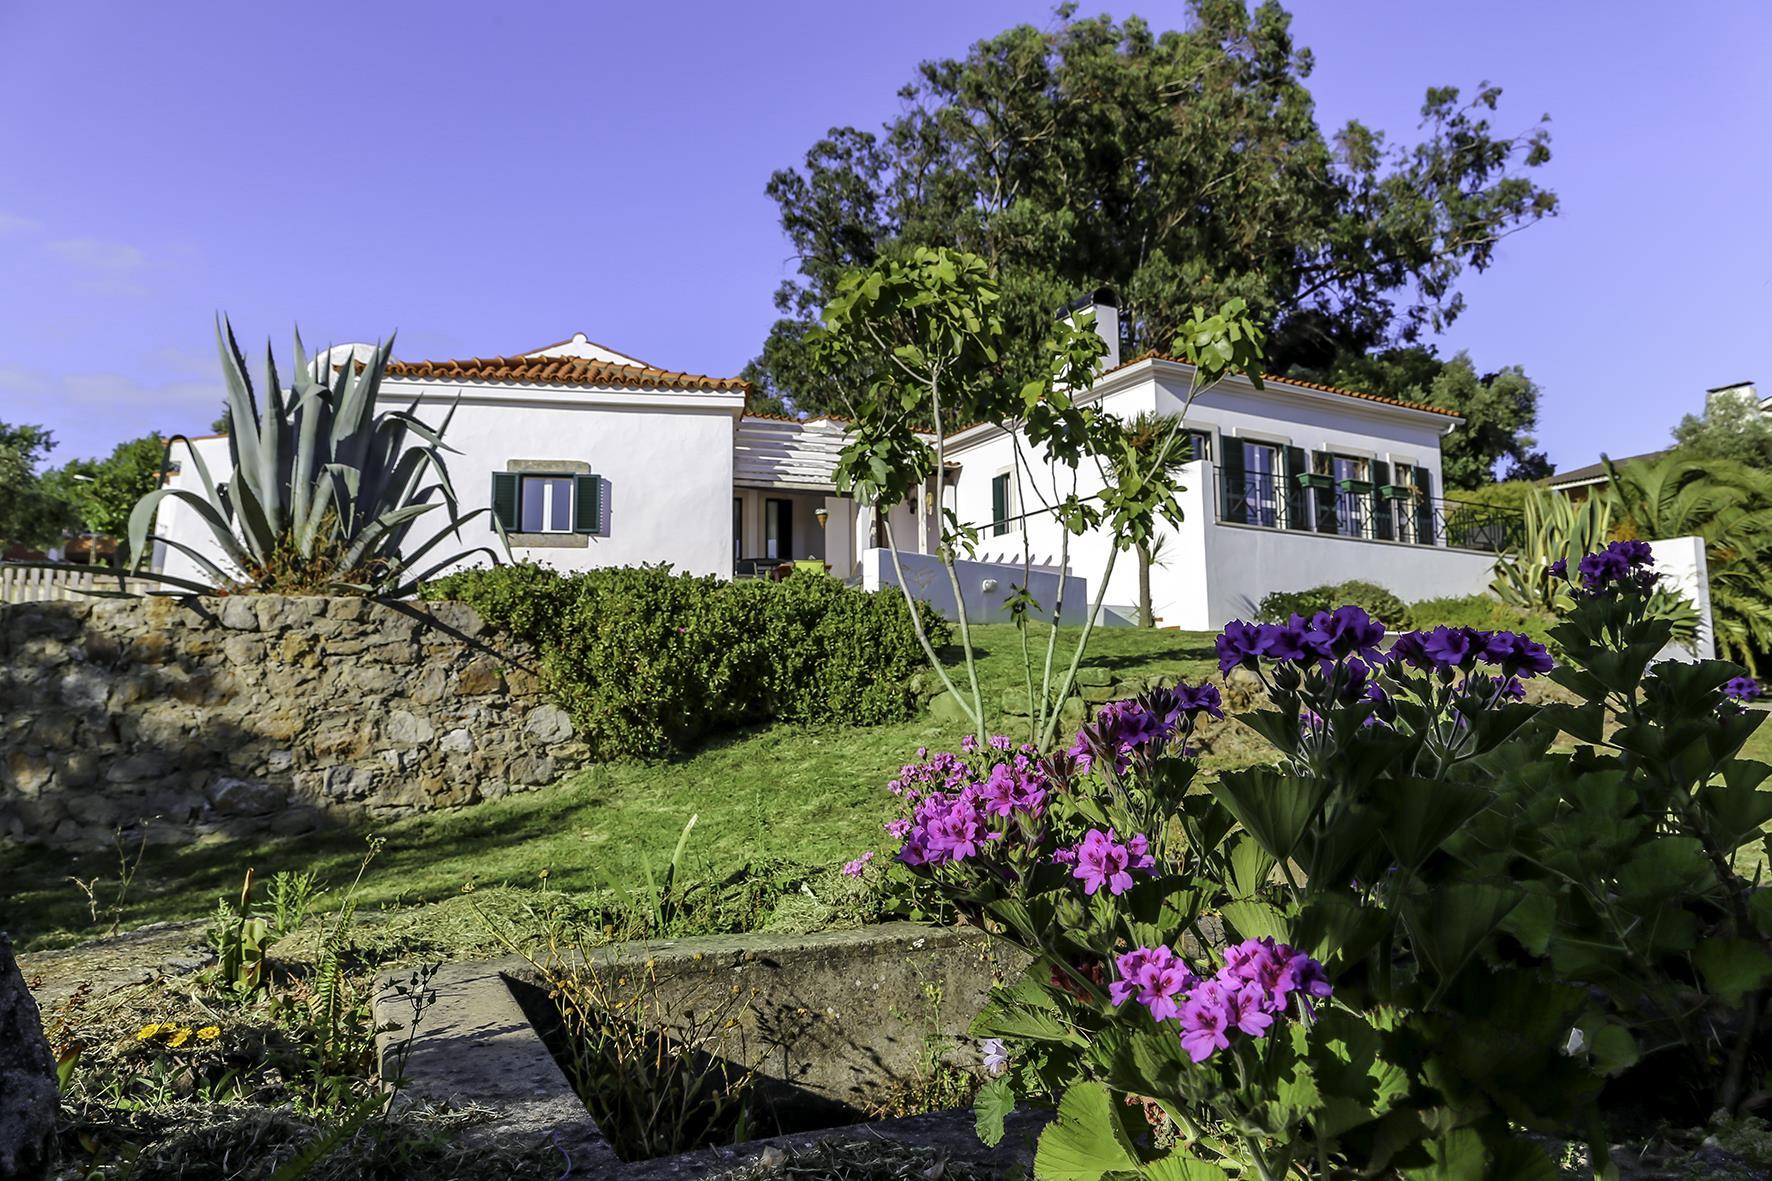 独户住宅 为 销售 在 House, 5 bedrooms, for Sale 辛特拉, 葡京, 2635-564 葡萄牙